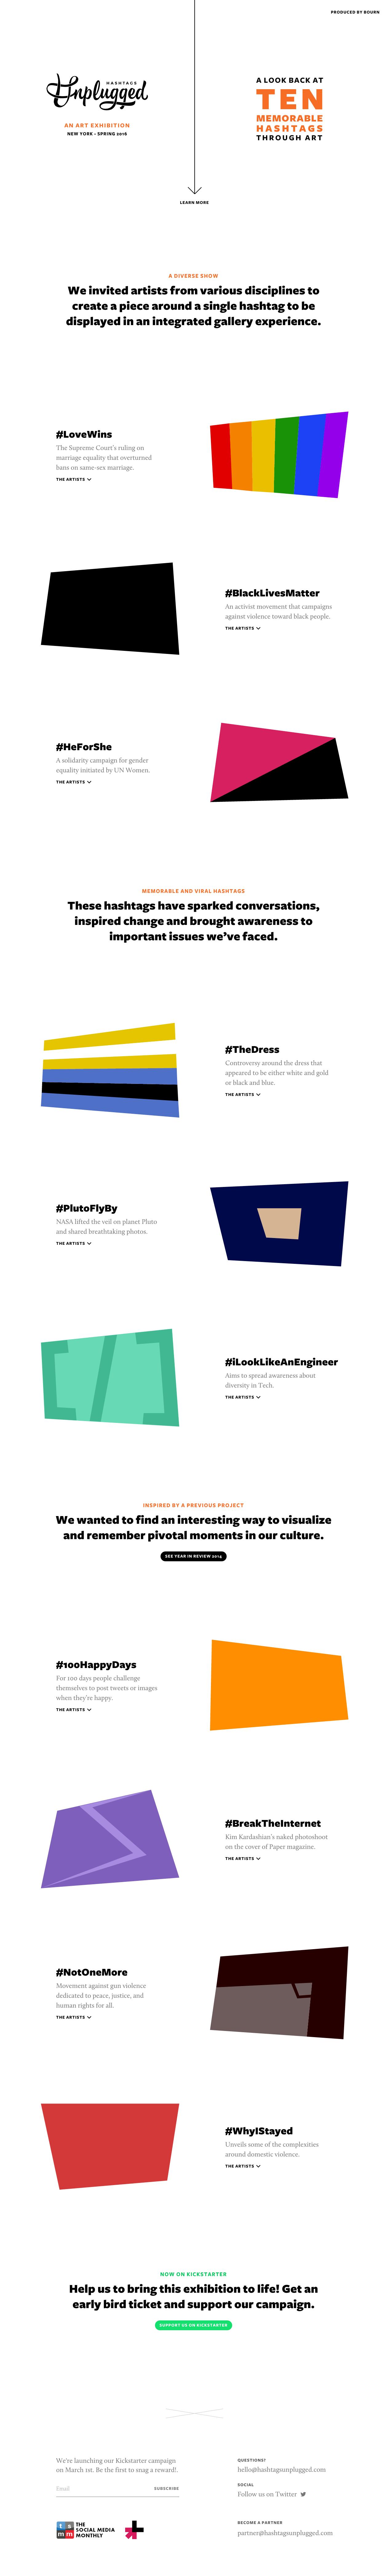 Hashtags Unplugged Website Screenshot